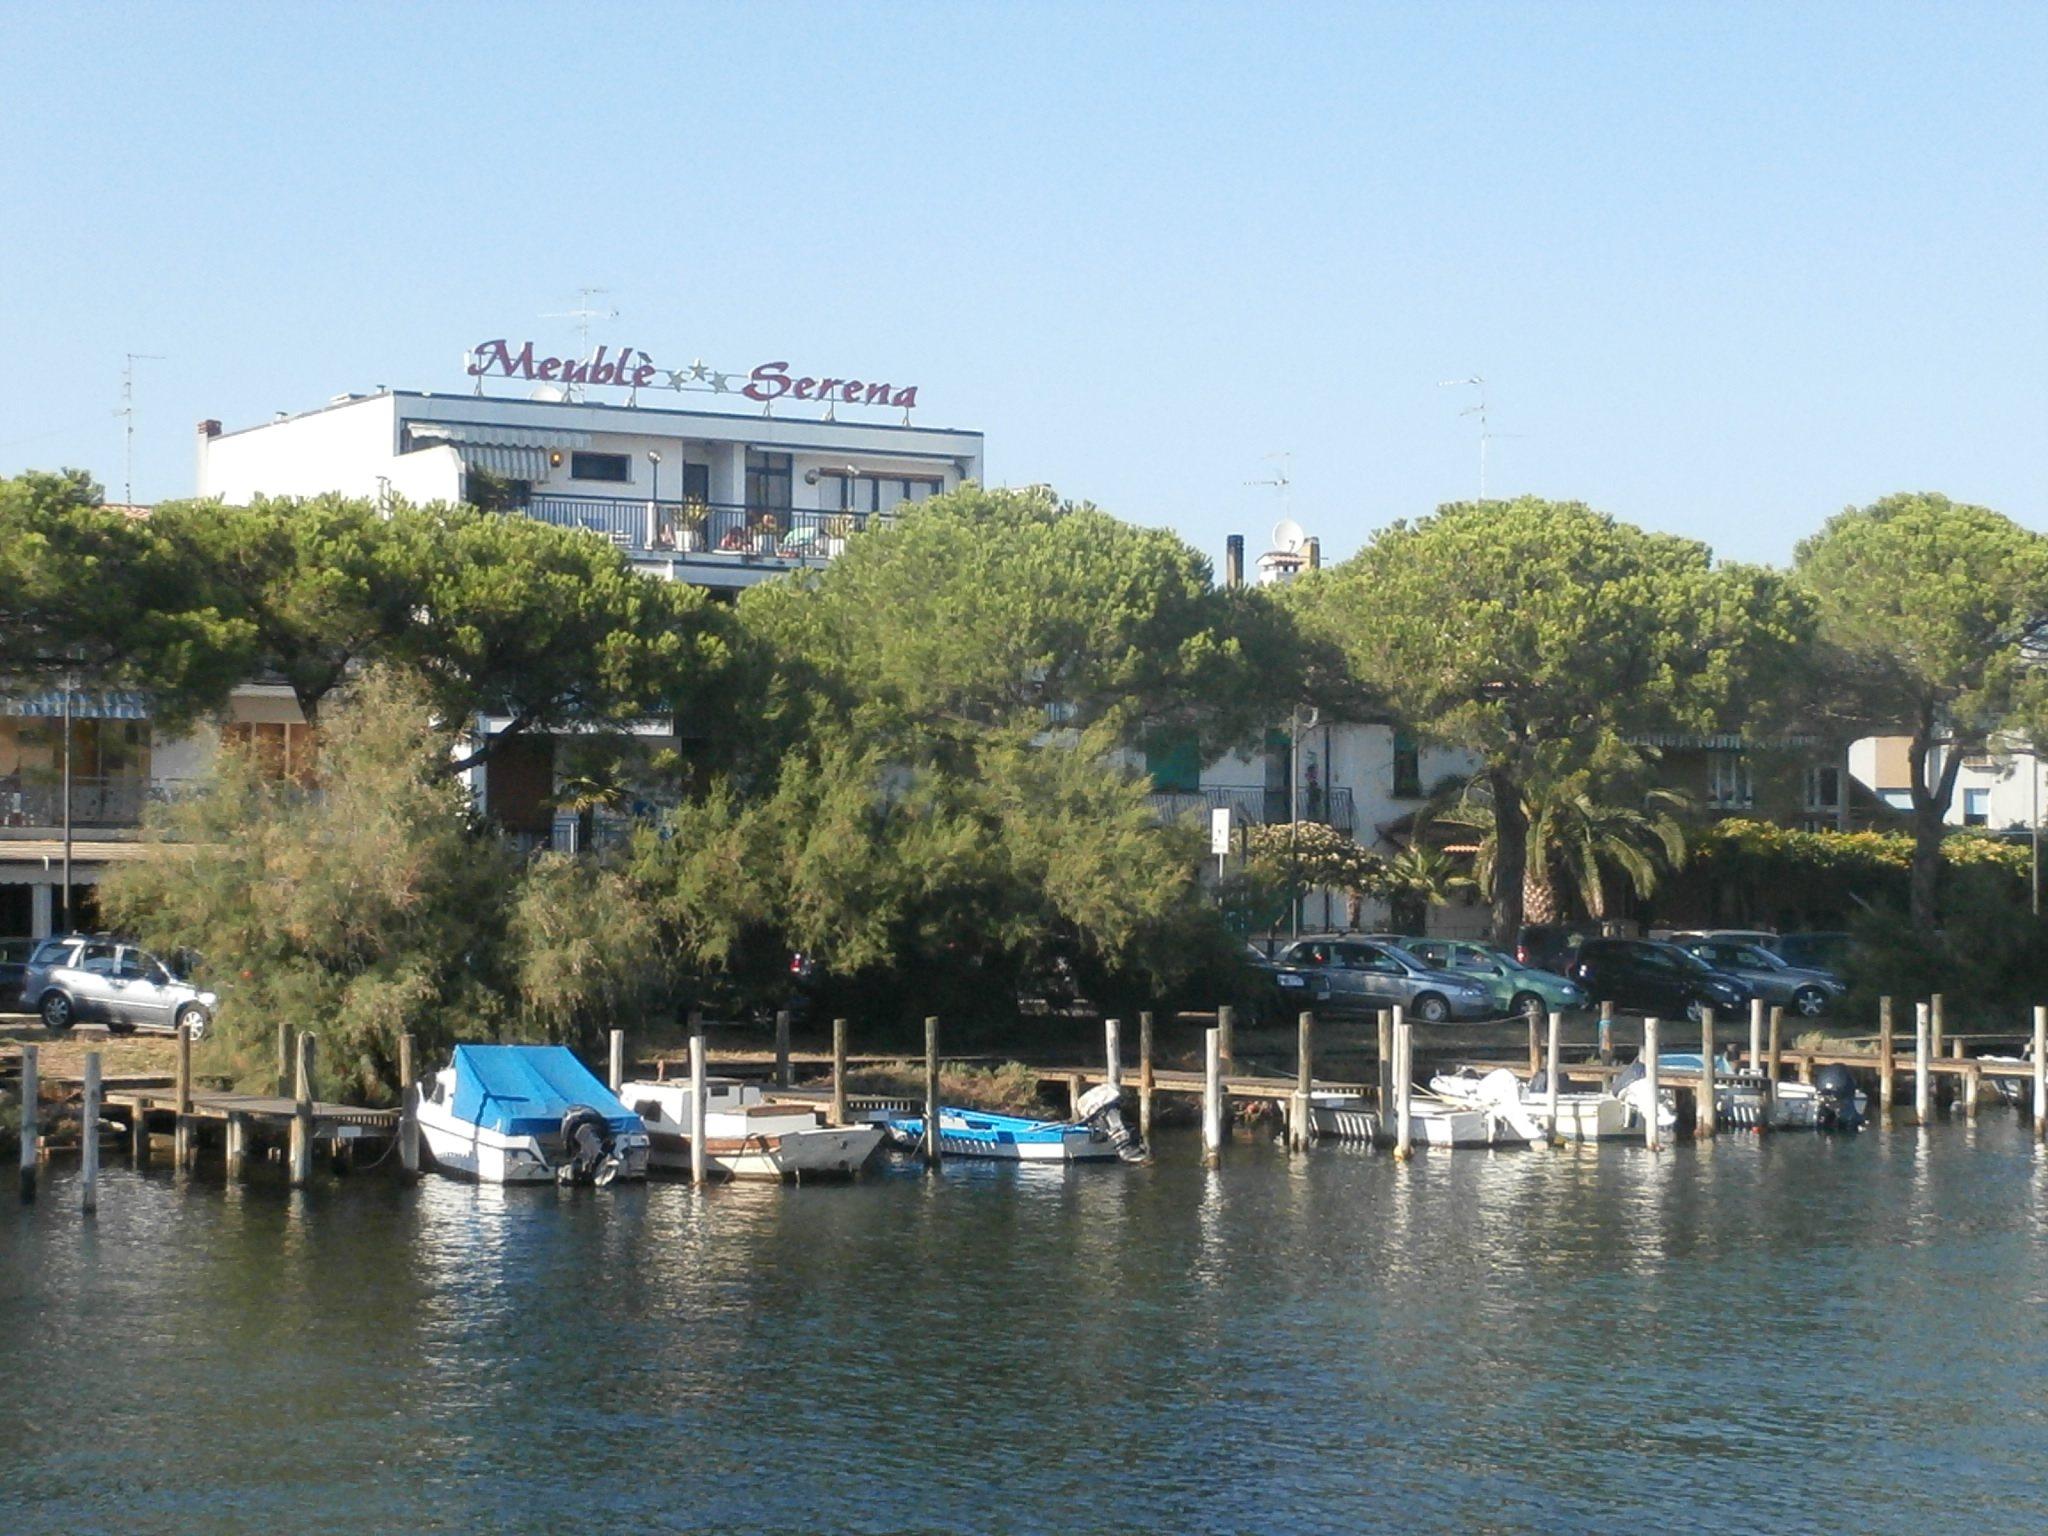 Hotel serena meuble grado grado for Hotel meuble villa patrizia grado